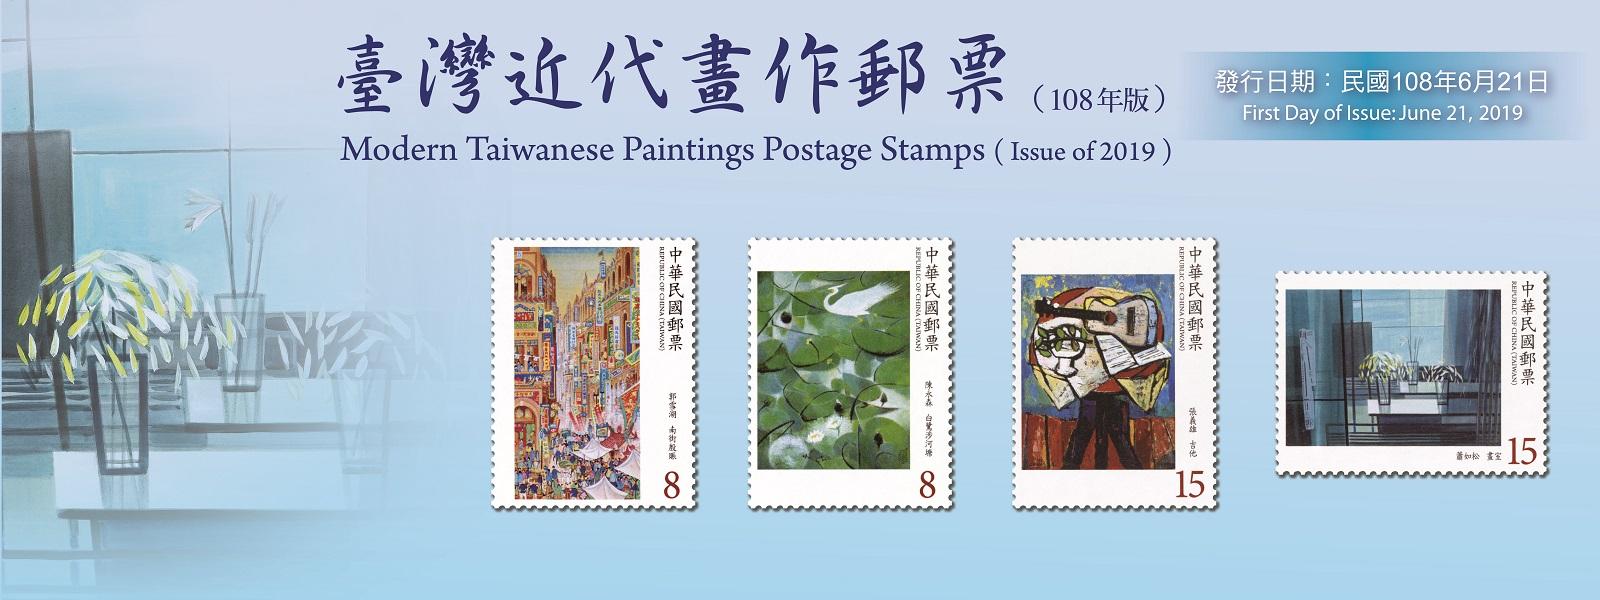 廣告連結:特 678 臺灣近代畫作郵票(108年版)